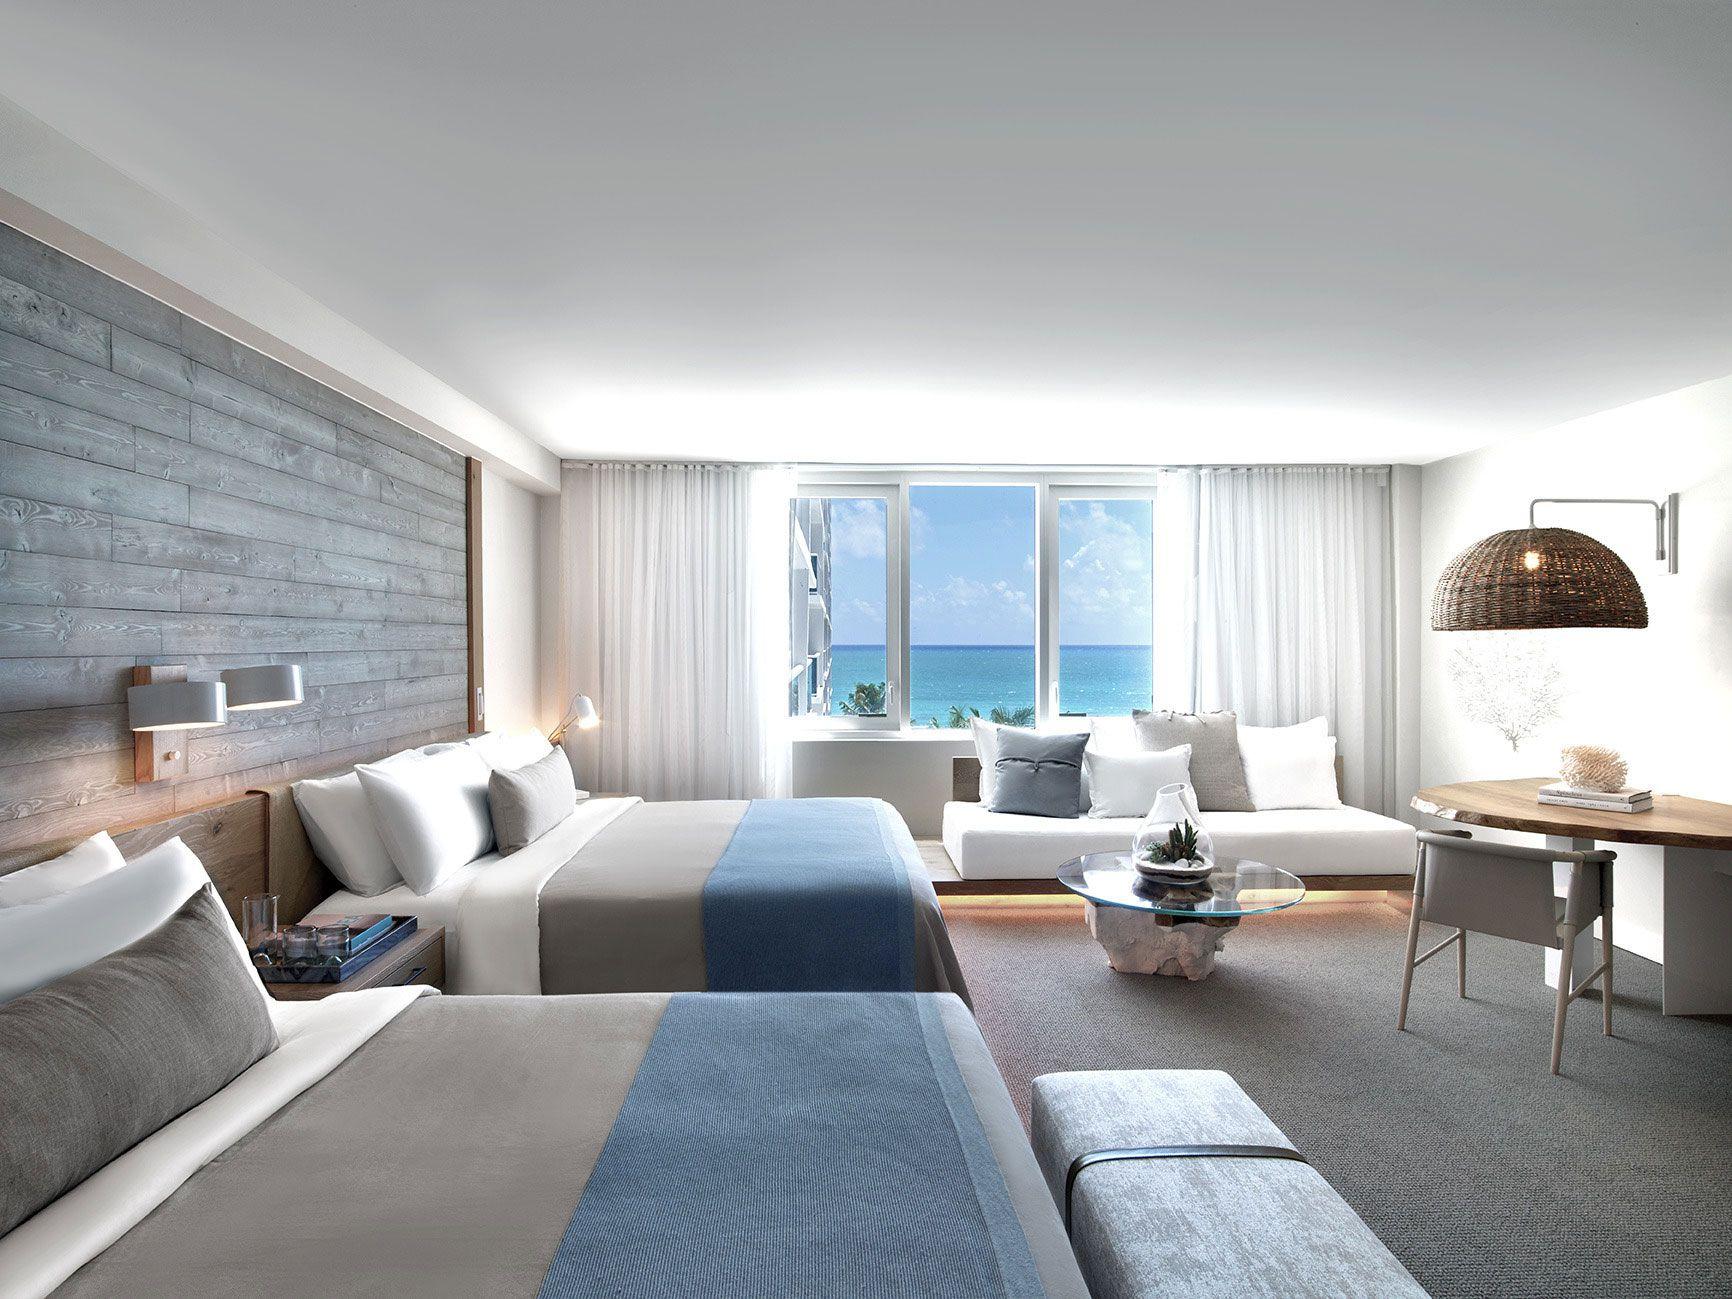 1-Hotel-South-Beach-12